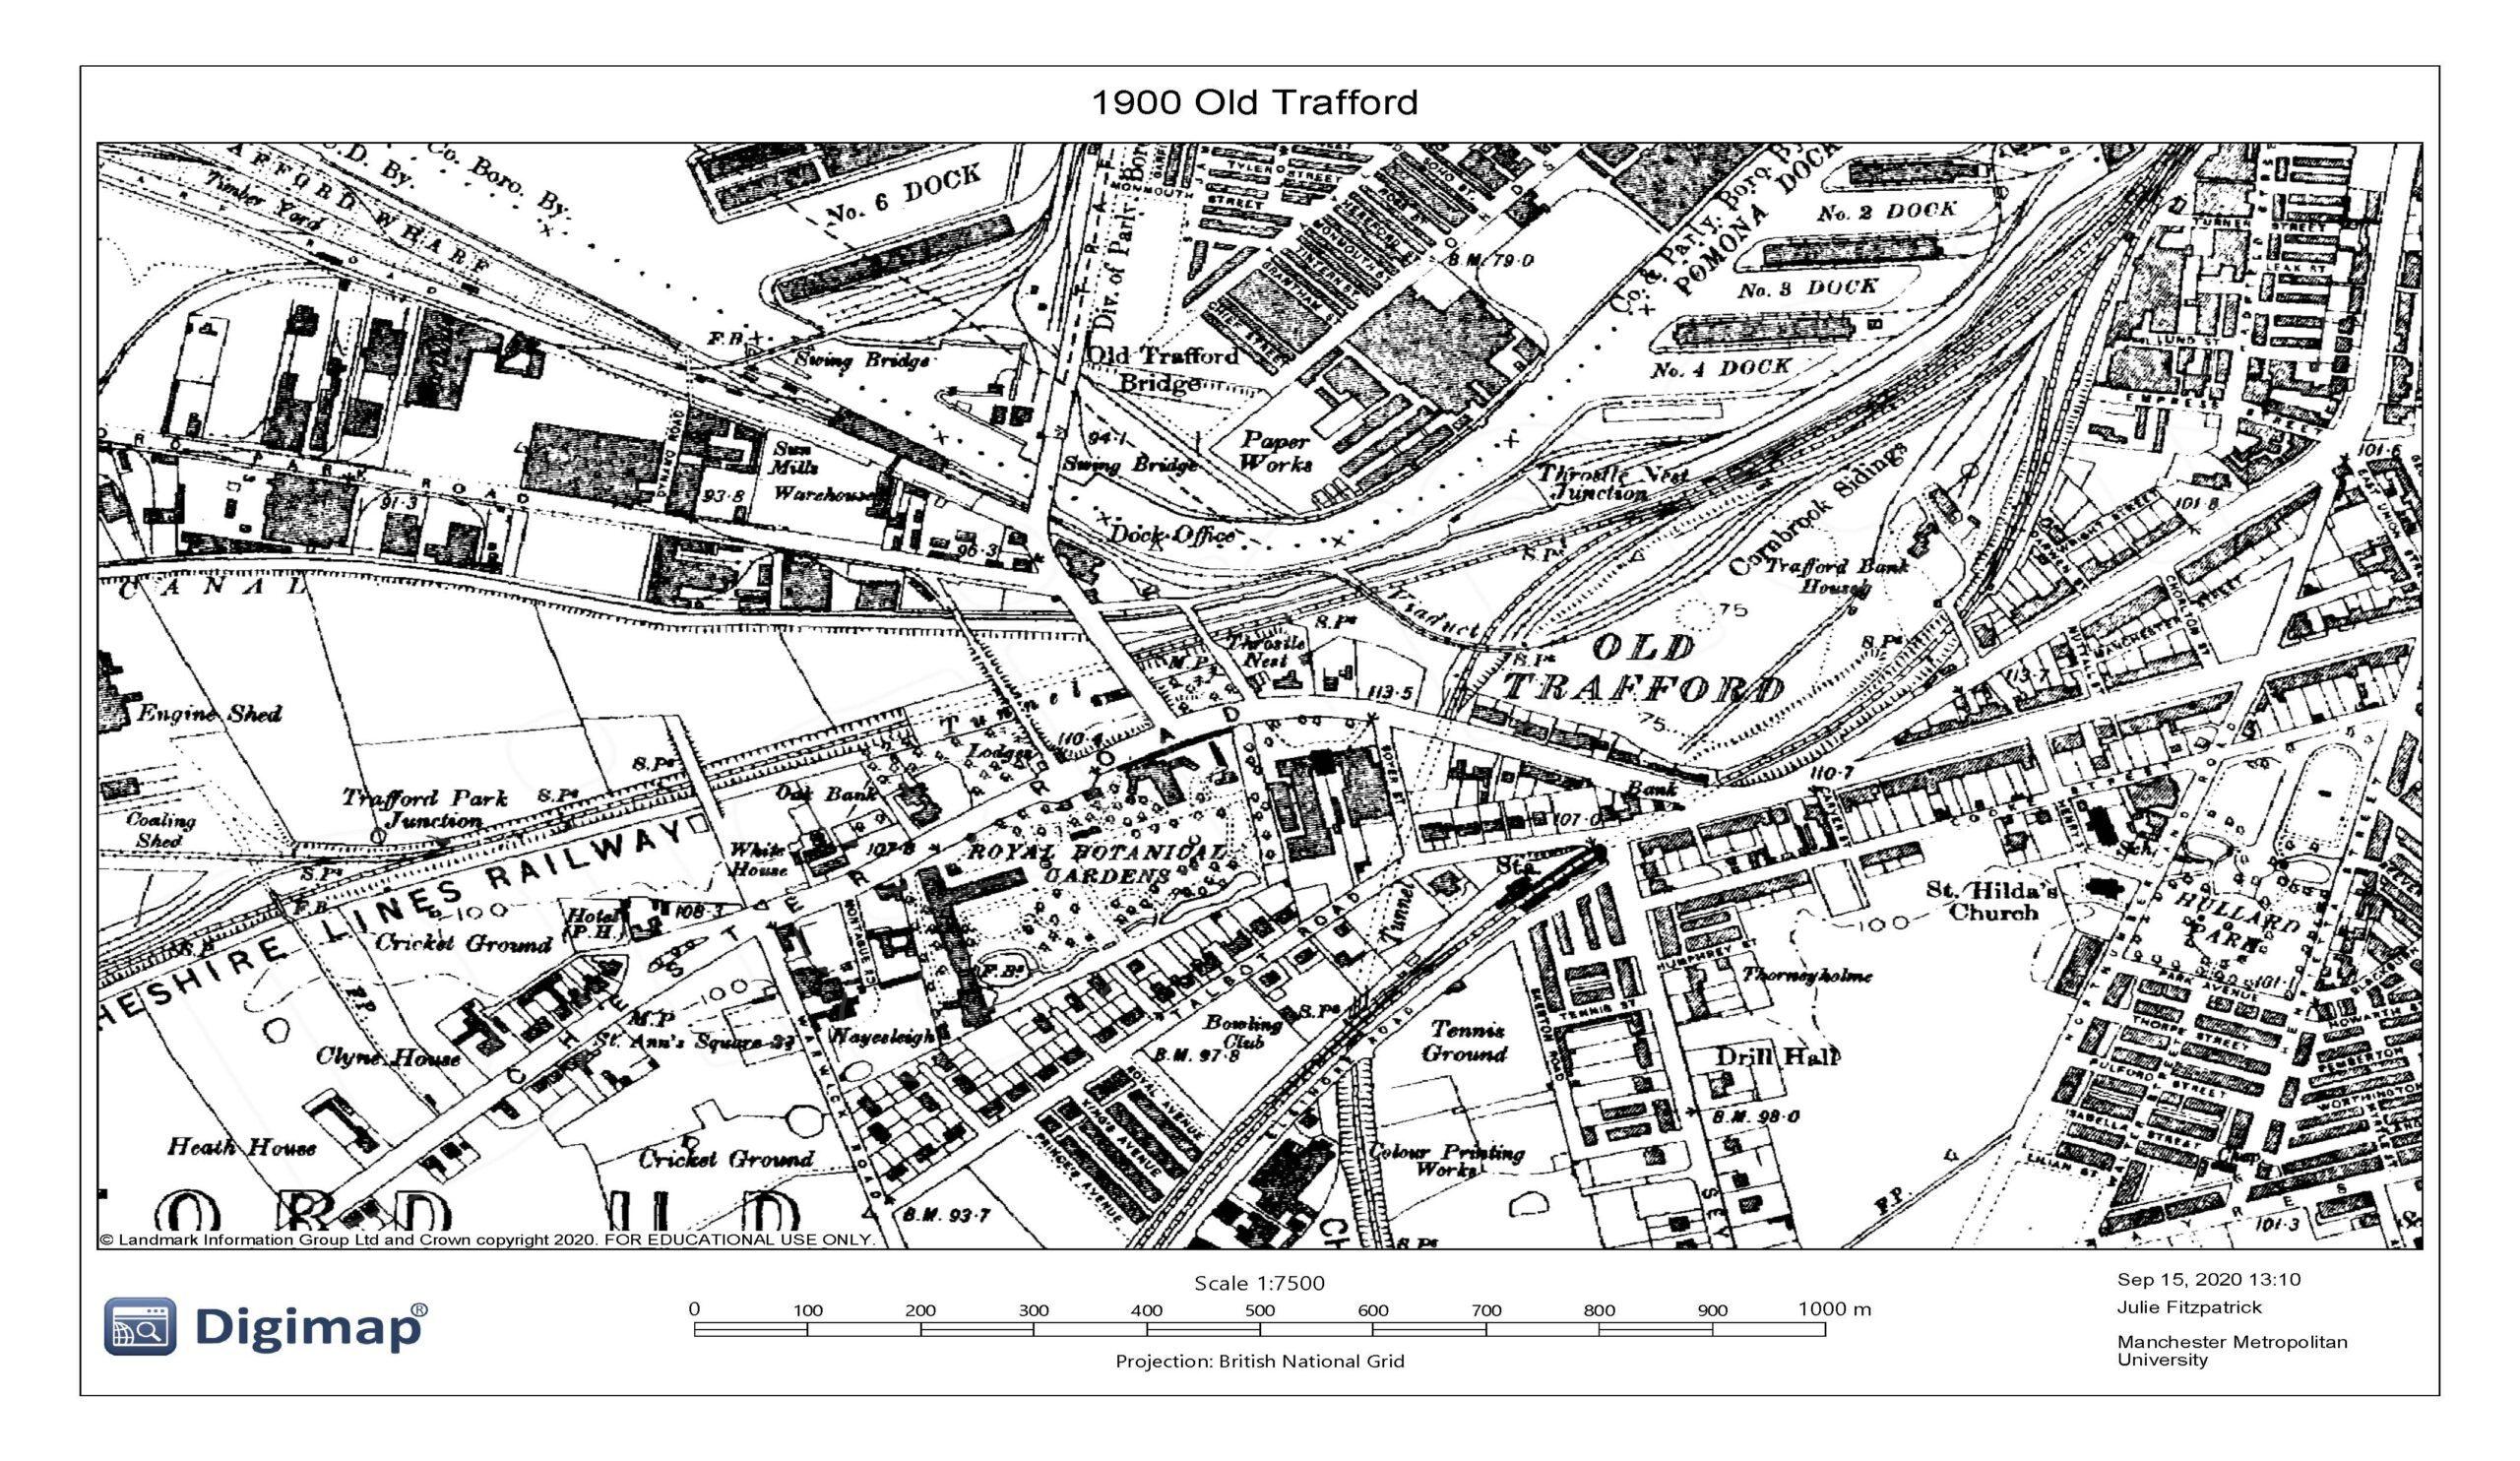 1900 Old Trafford